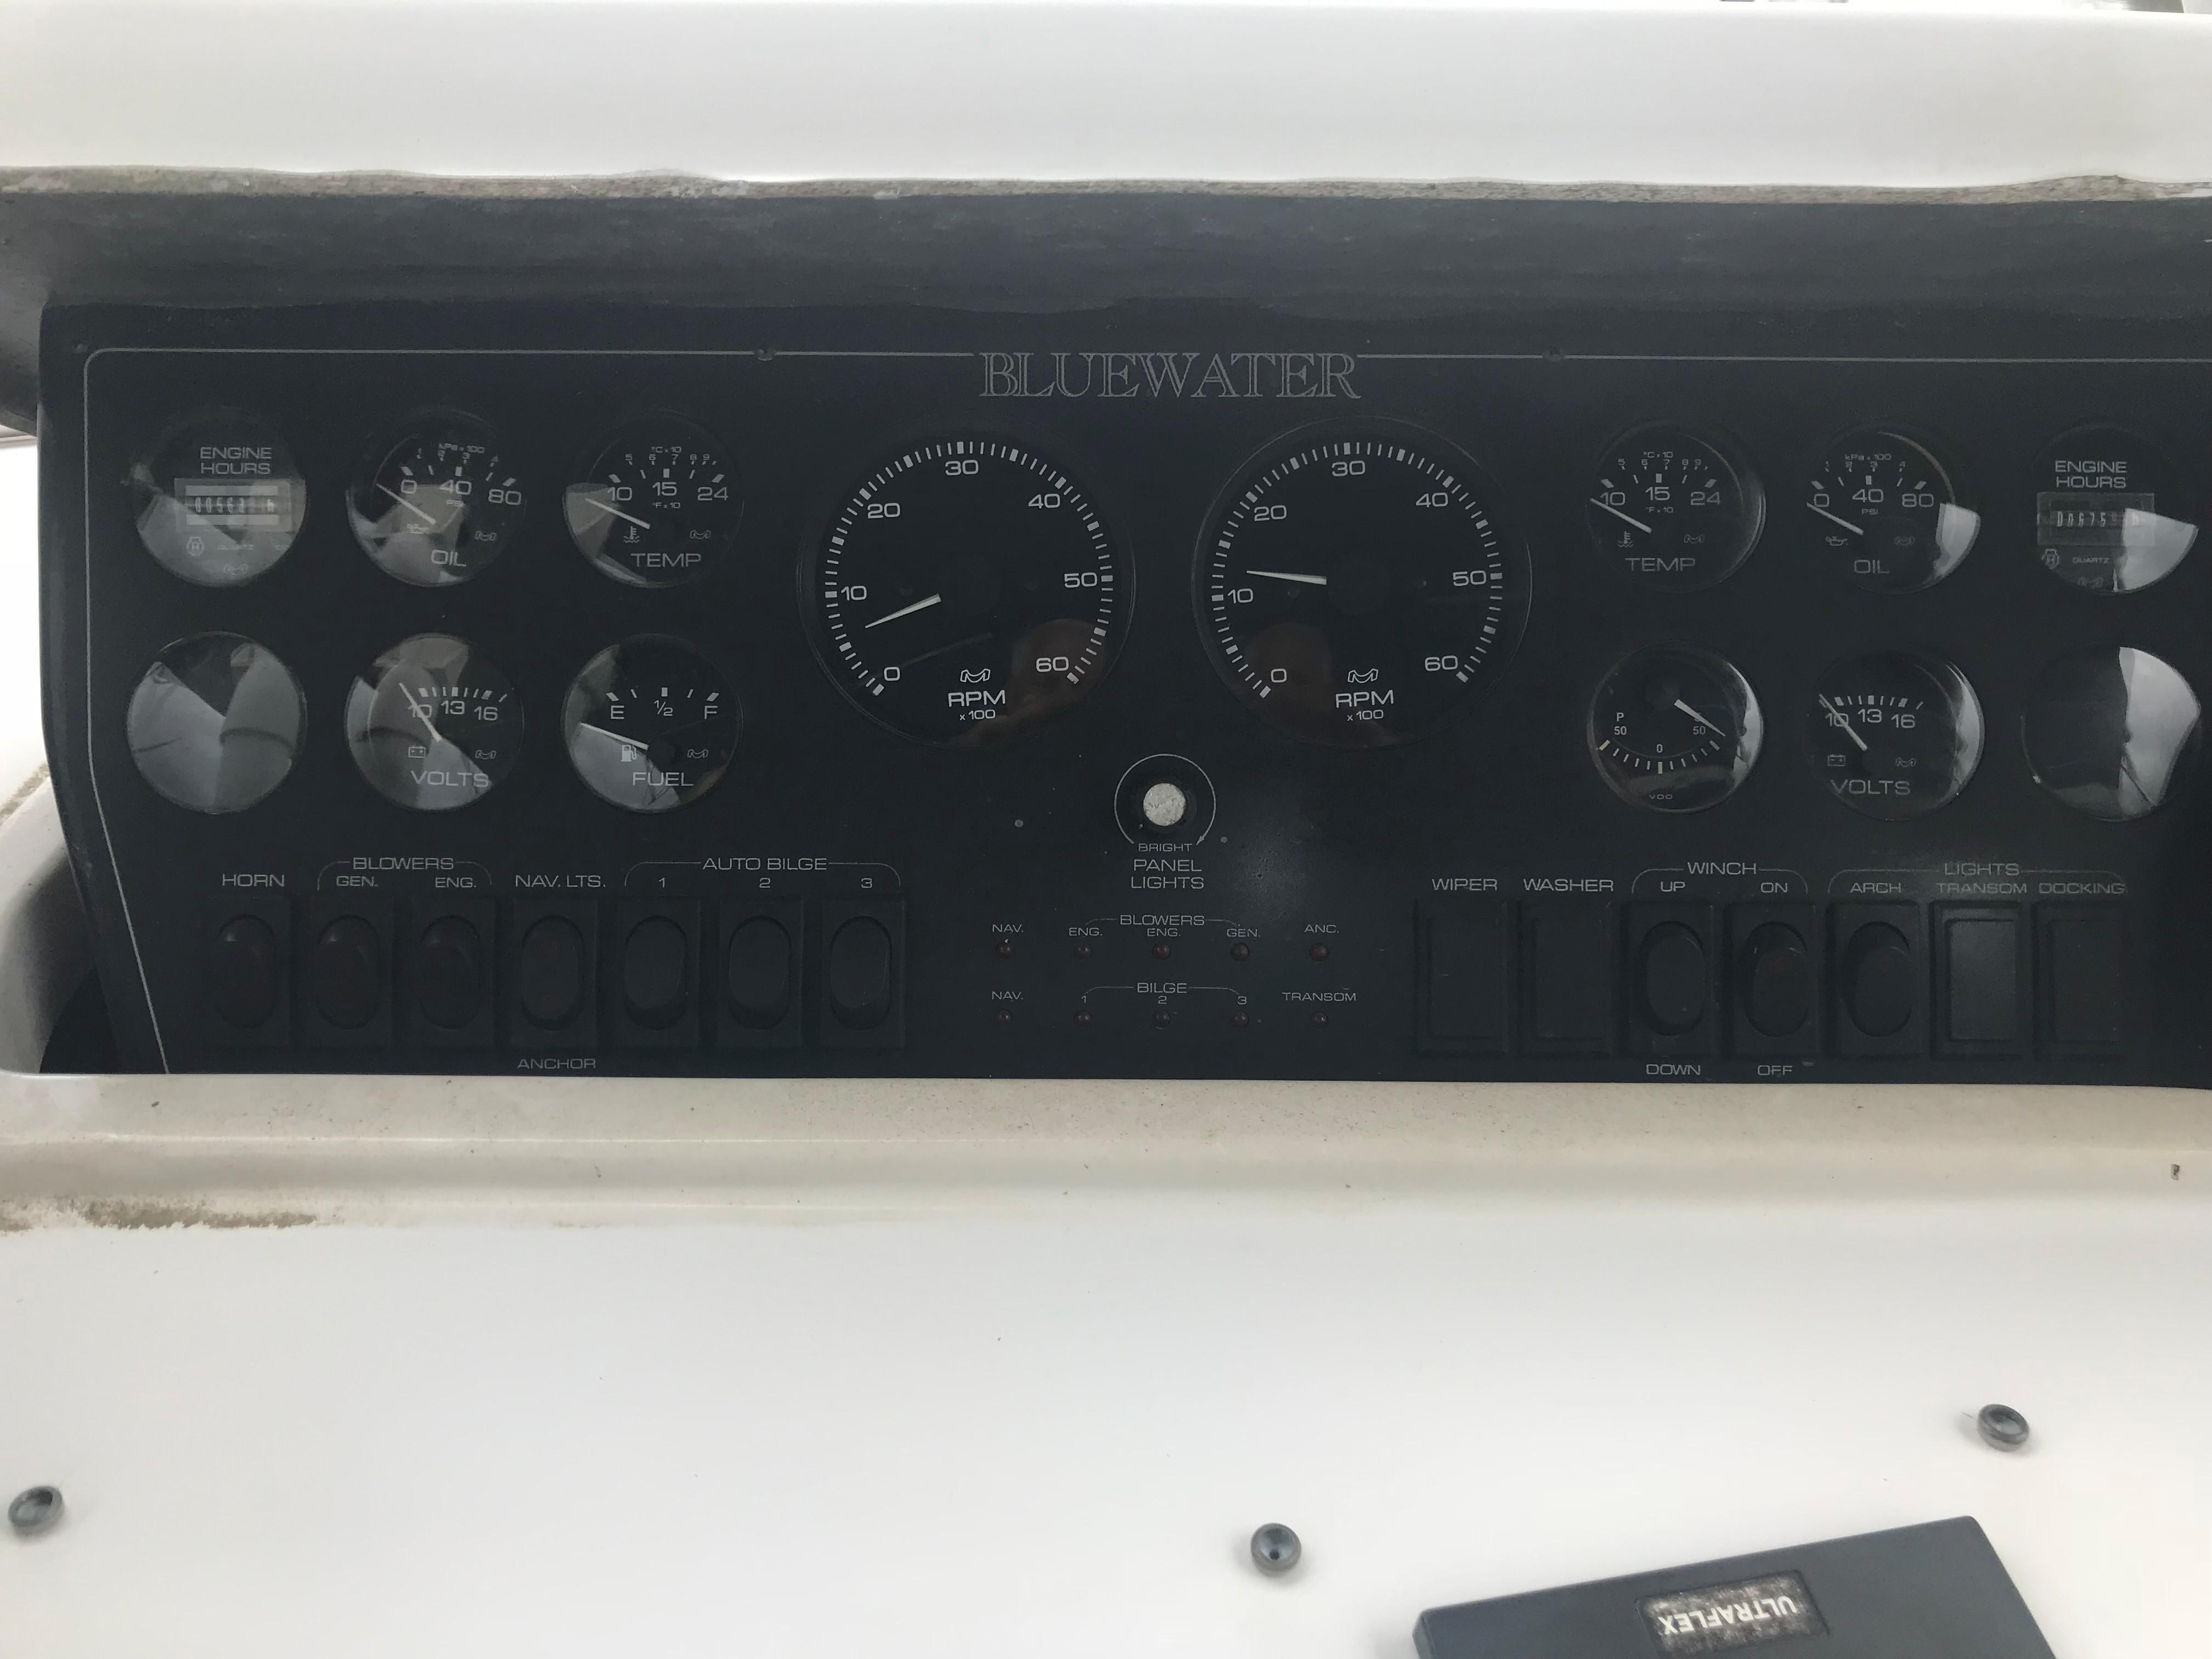 Bluewater Yachts 48 Houseboat - Engine Gauges on Bridge Helm